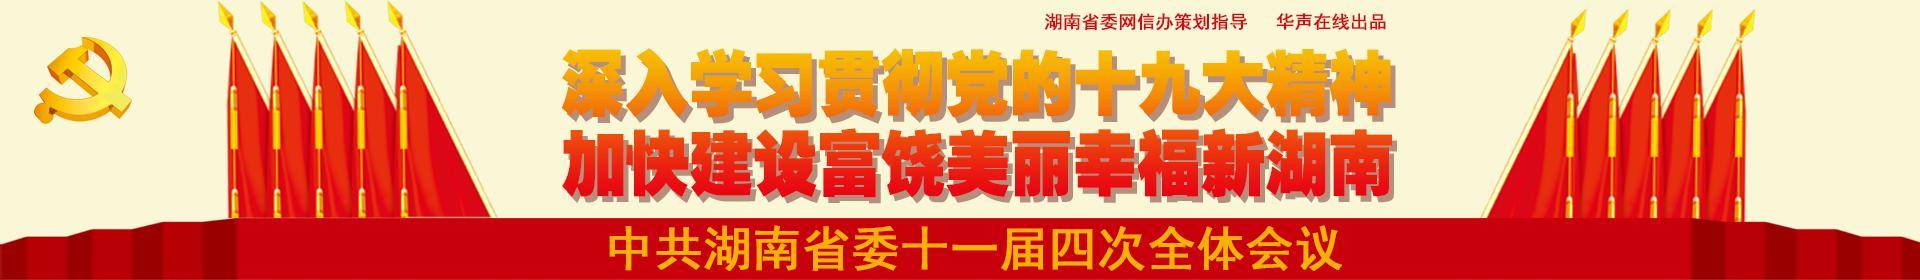 中共湖南省委十一届四次全体会议在长沙召开